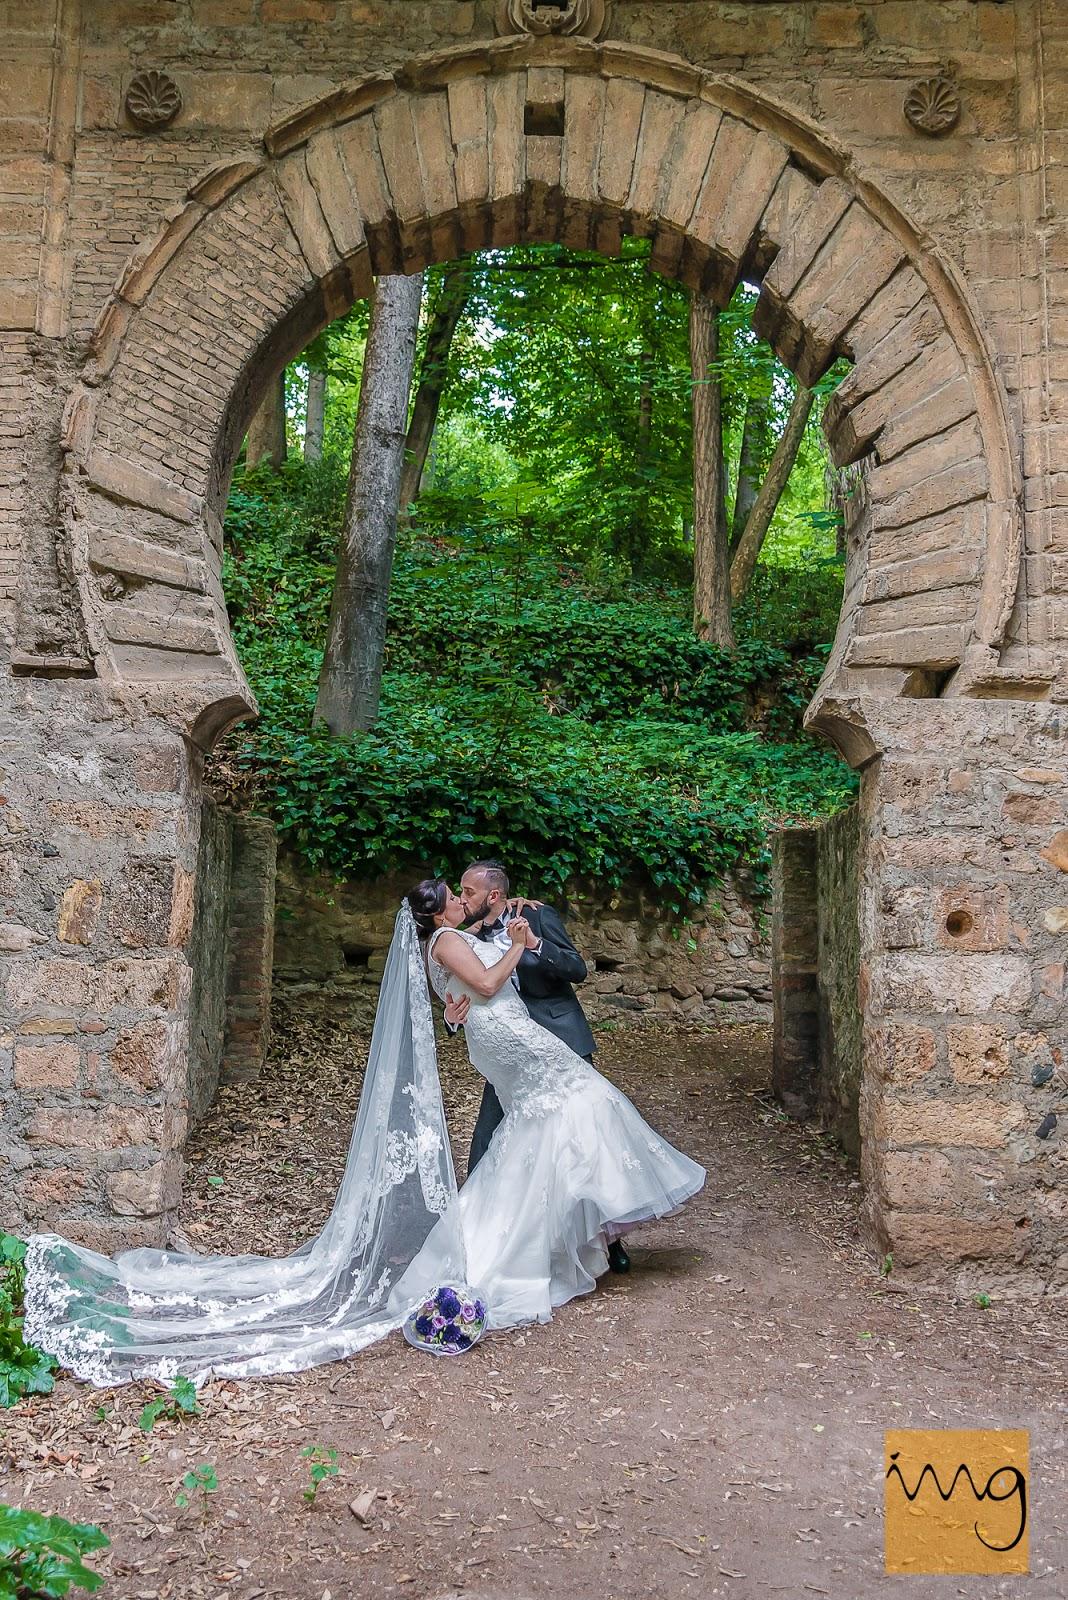 Fotografía espectacular de los recién casados en el bosque de la Alhambra